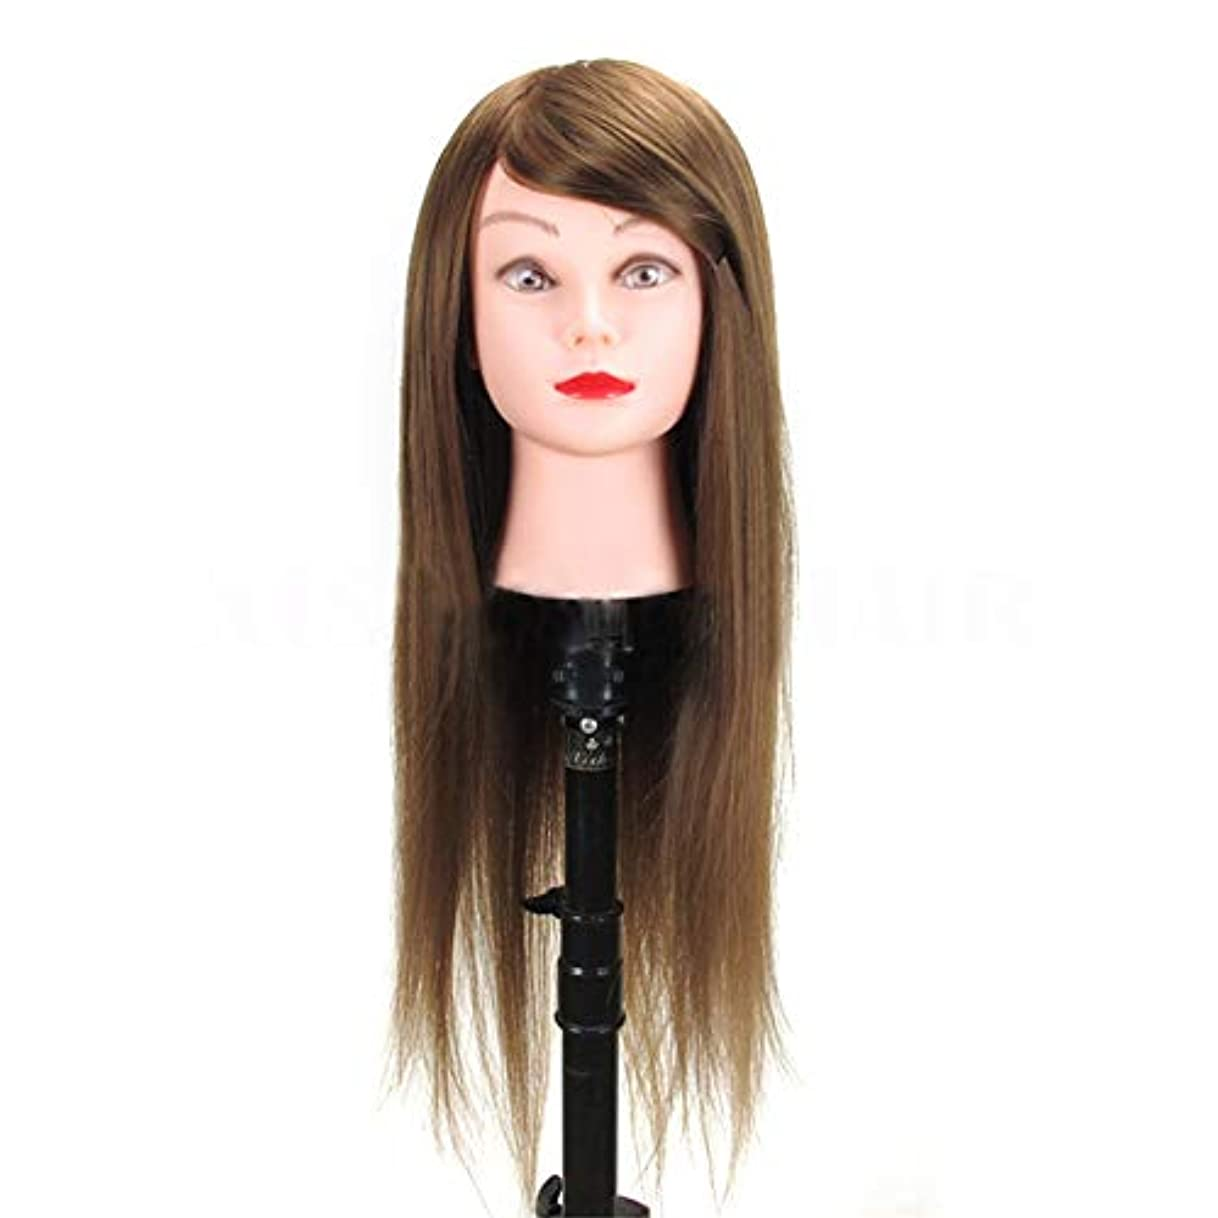 ちっちゃい有効全員高温シルク編組ヘアスタイリングヘッドモデル理髪店理髪ダミーヘッド化粧練習マネキンヘッド